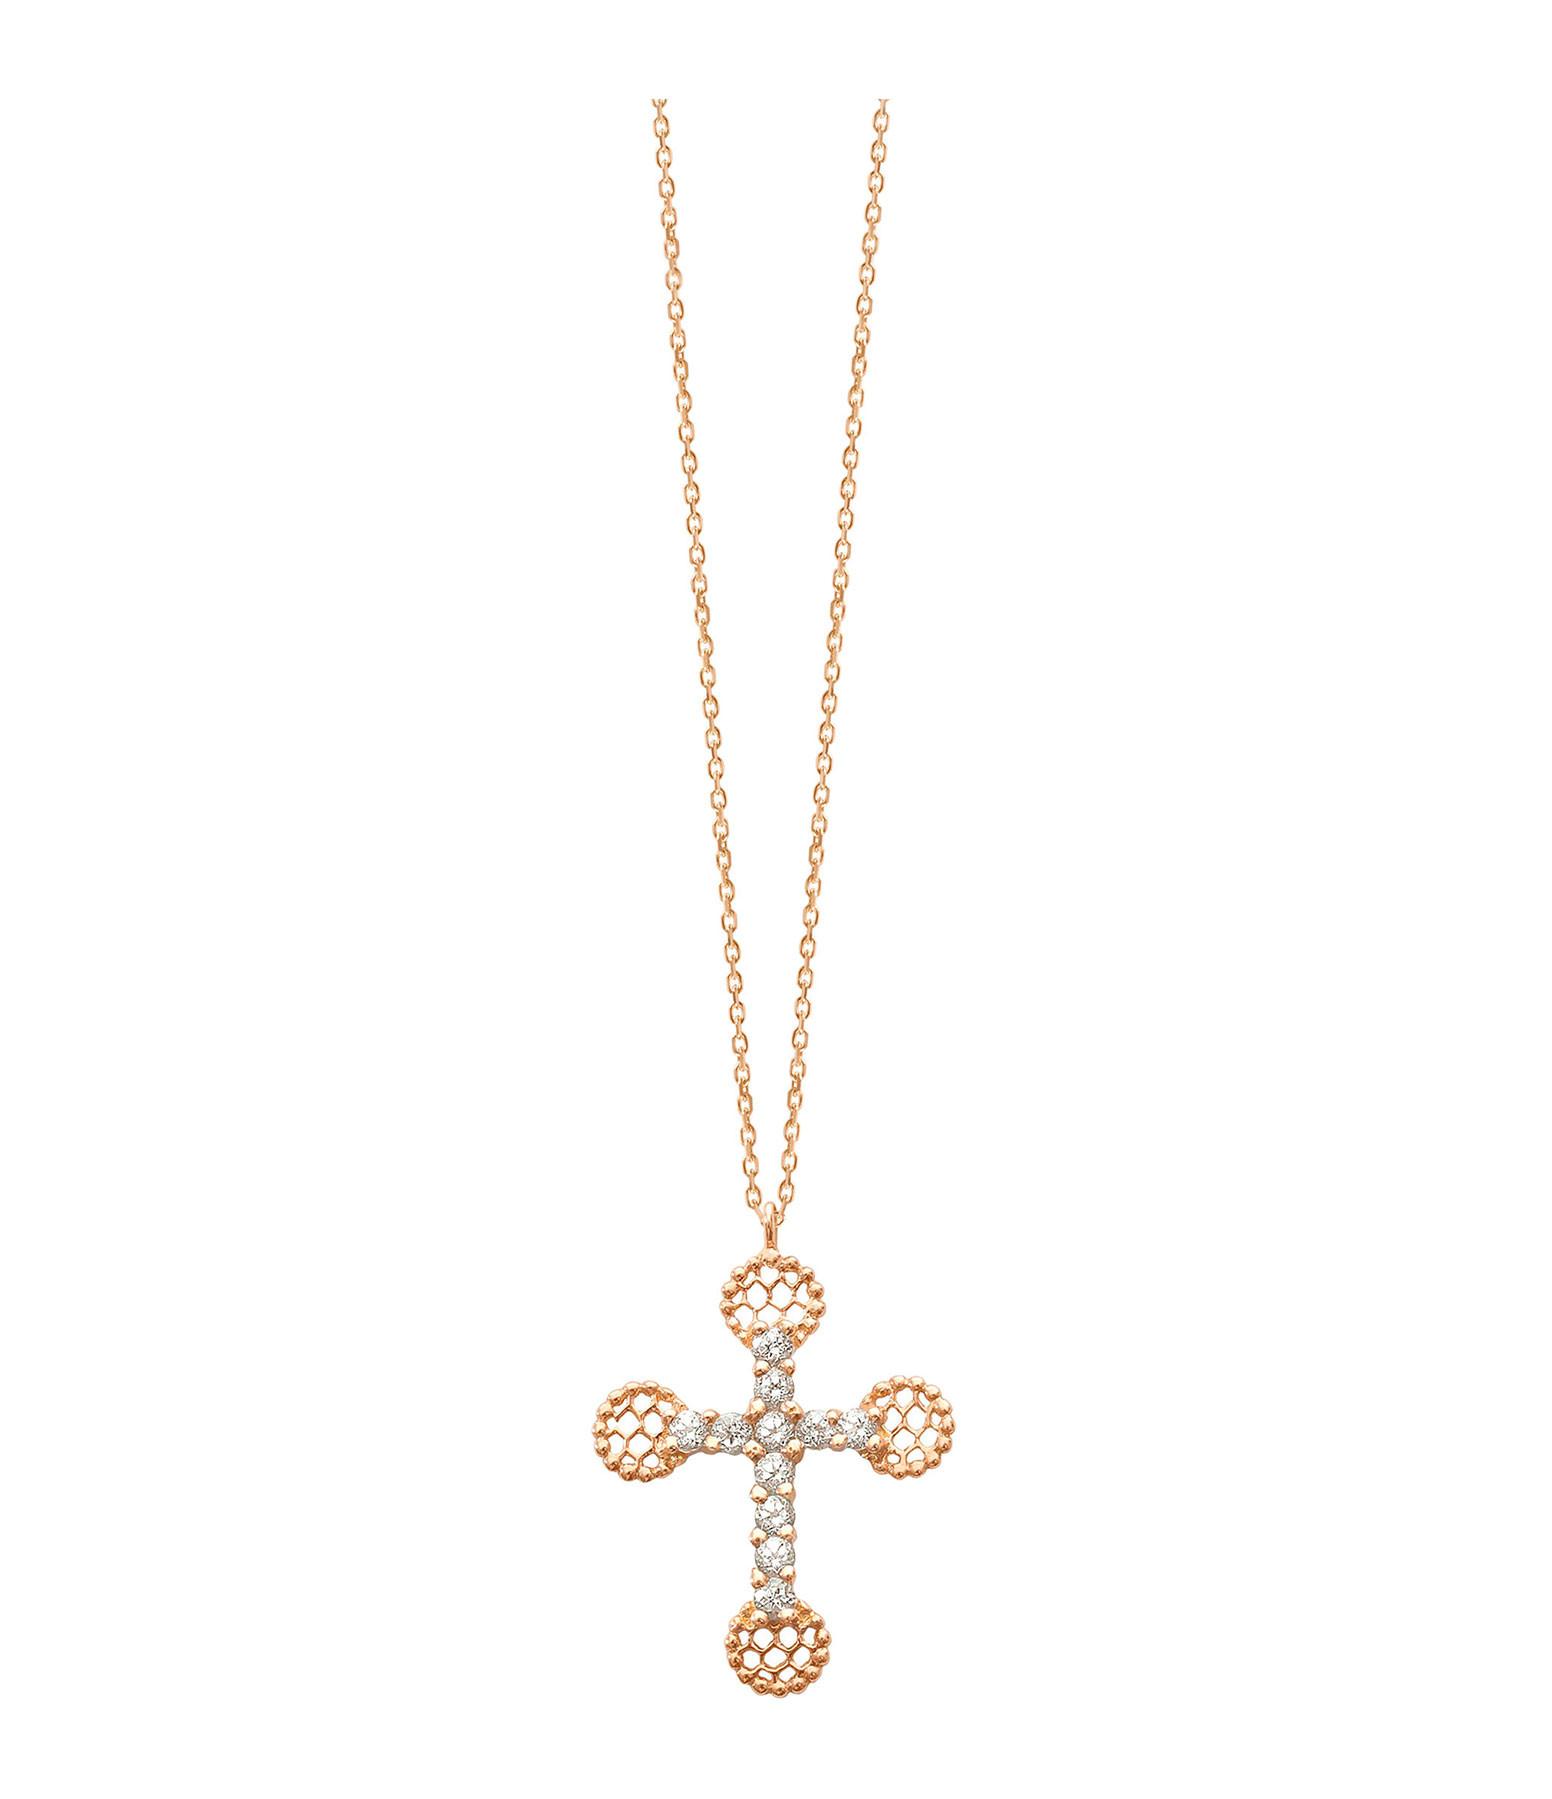 GIGI CLOZEAU - Collier Petite Croix Dentelle Diamants